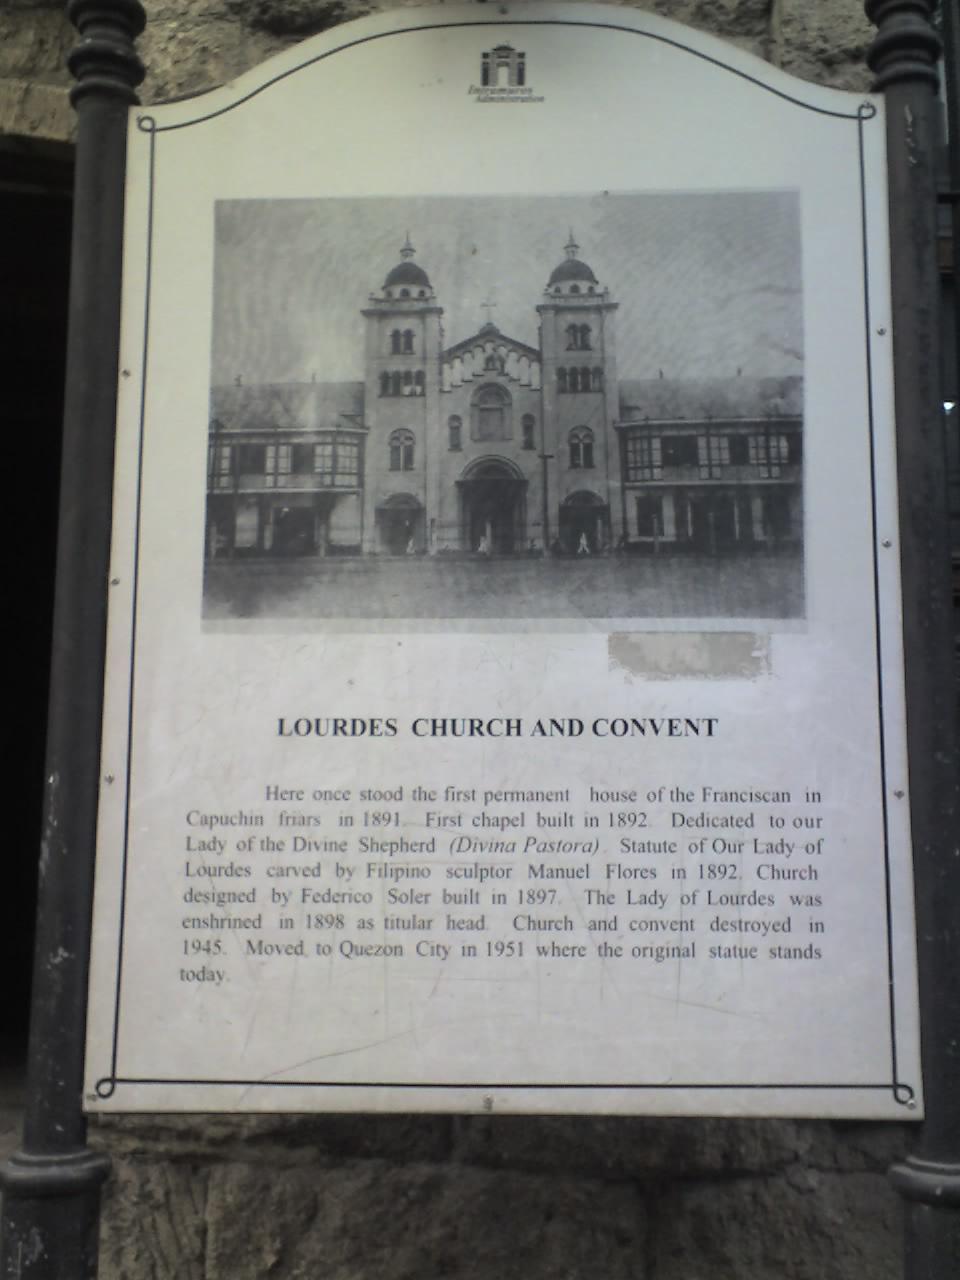 LOURDES CHURCH AND CONVENT